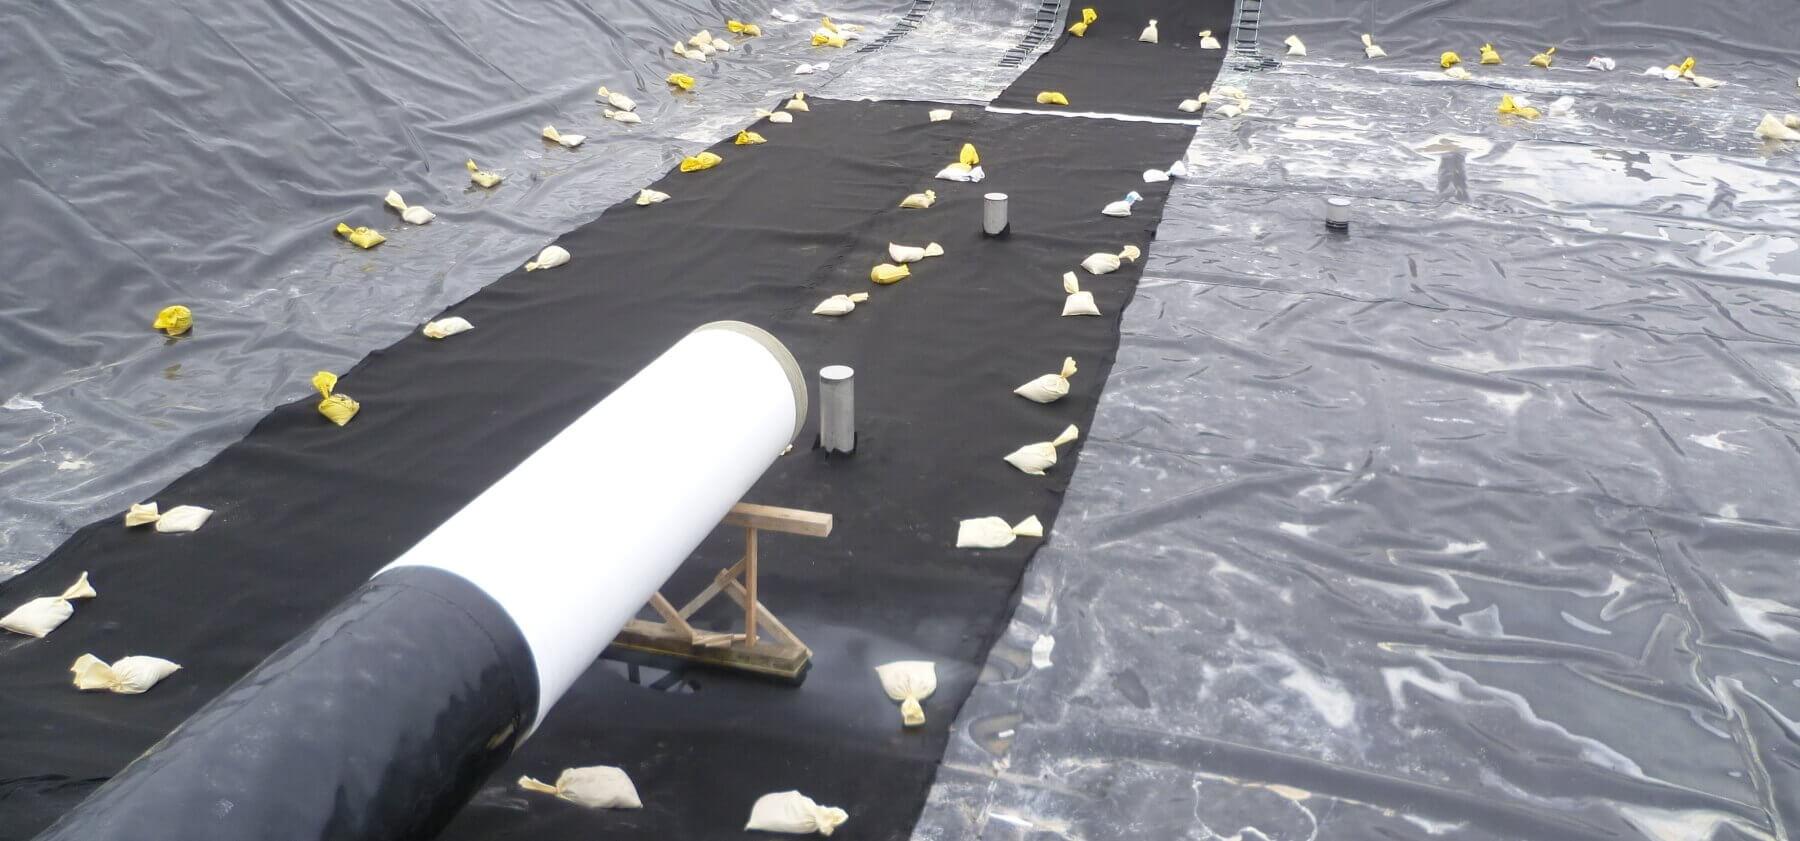 DuraFlow Drainage Composite